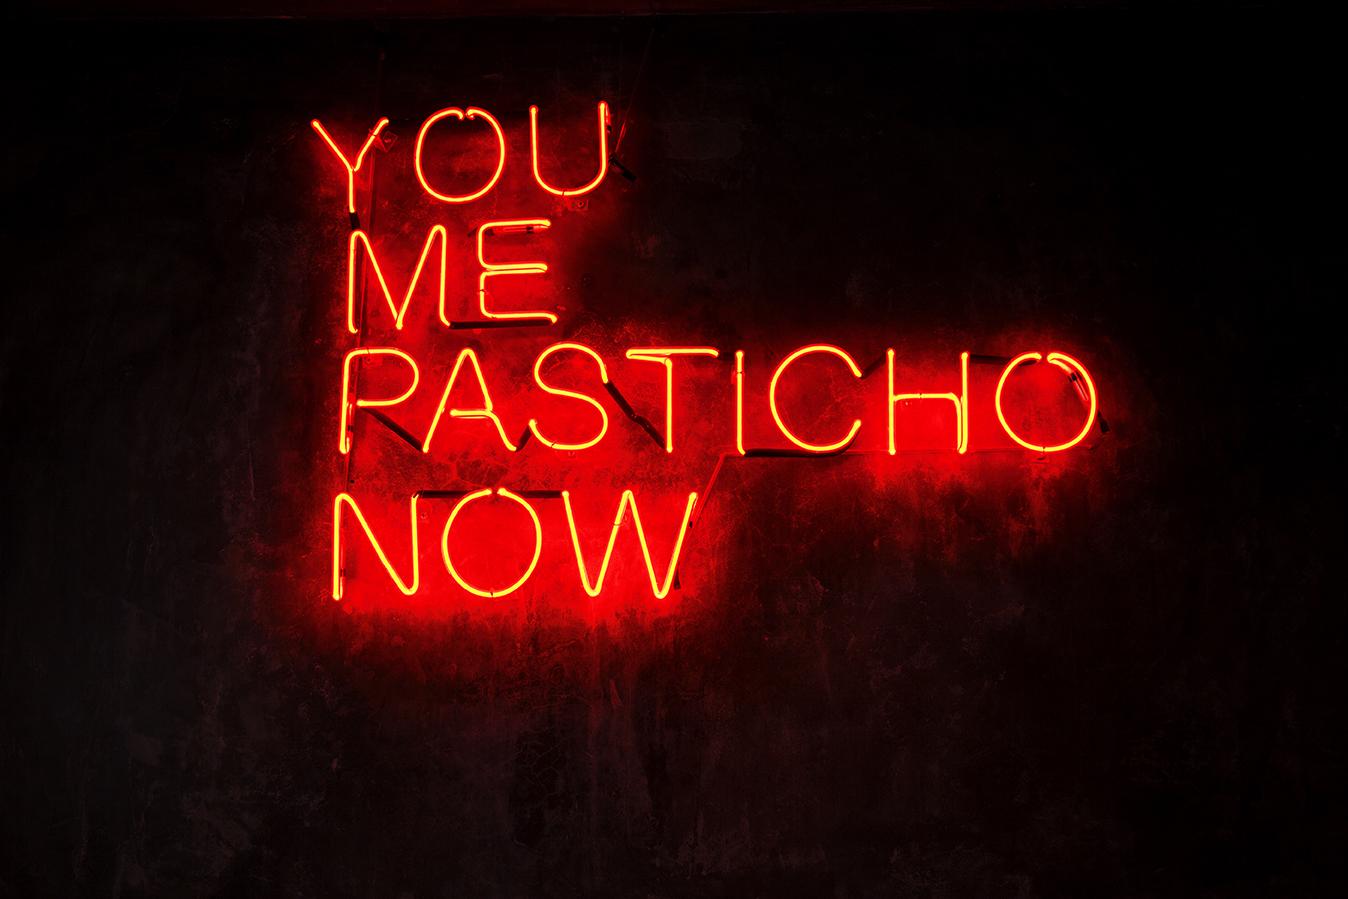 Pasticho by Morandi